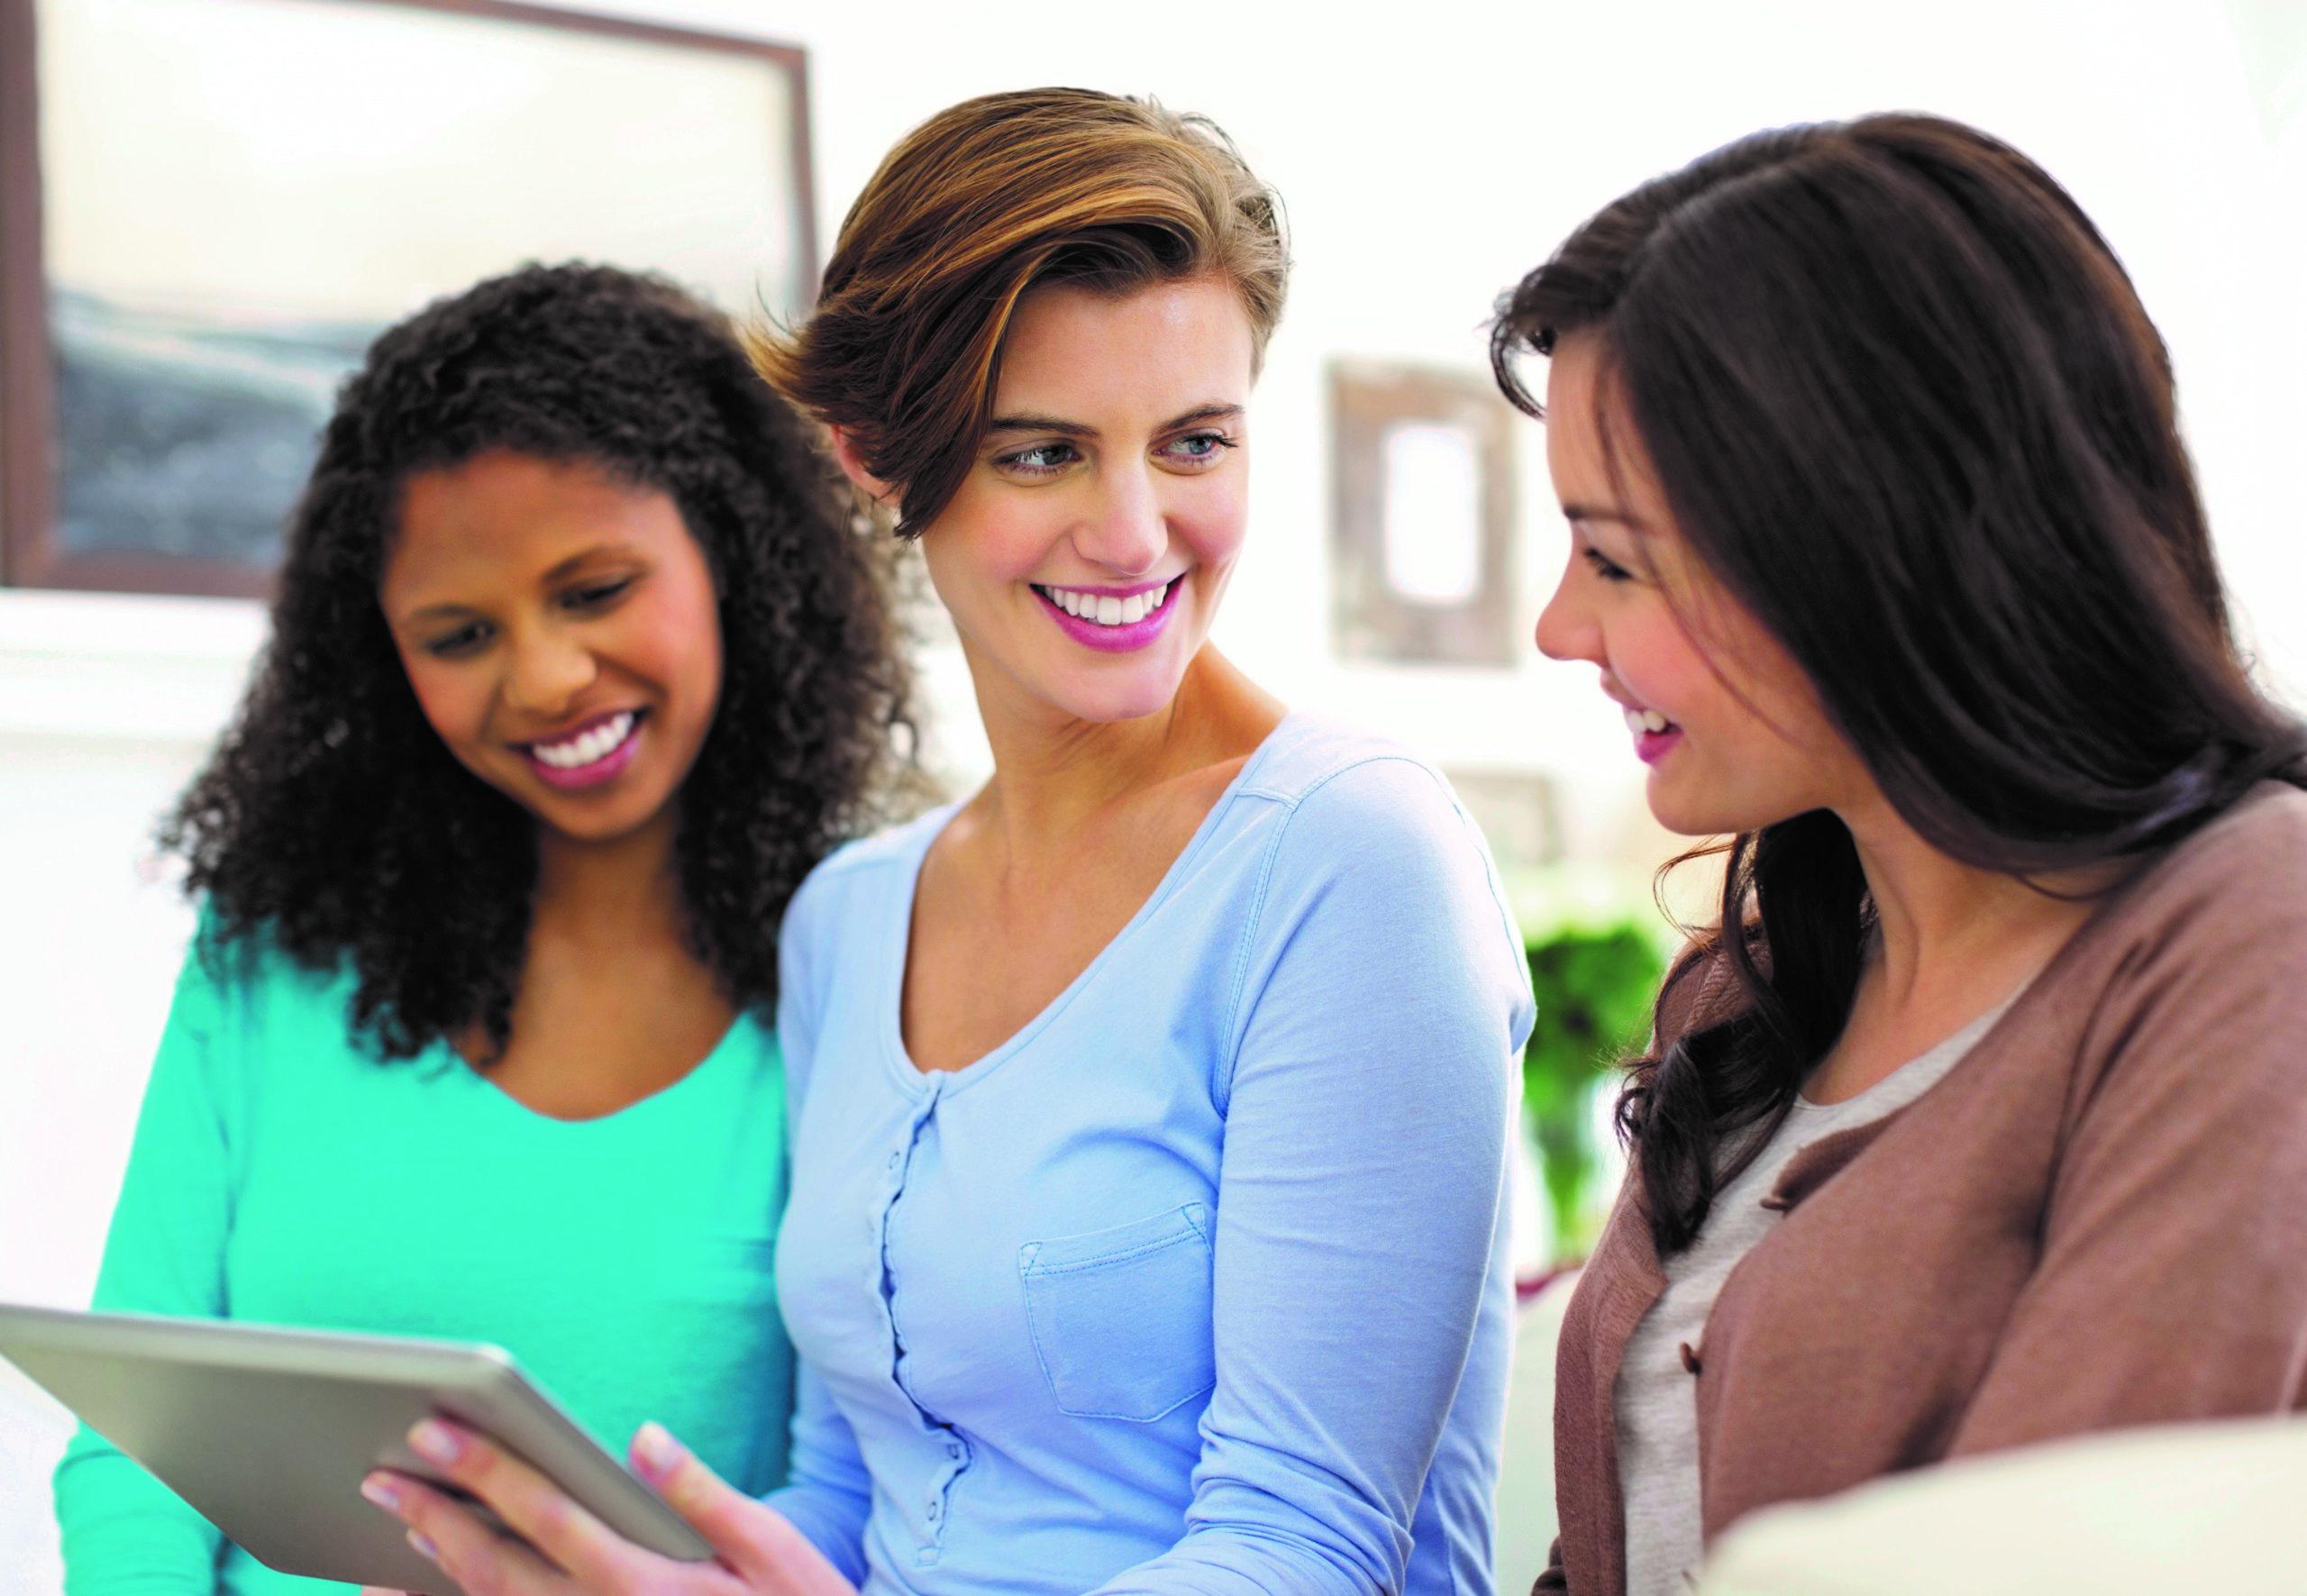 家庭聚會開創富足事業-自由選配 懂延伸 讓聚會更有趣